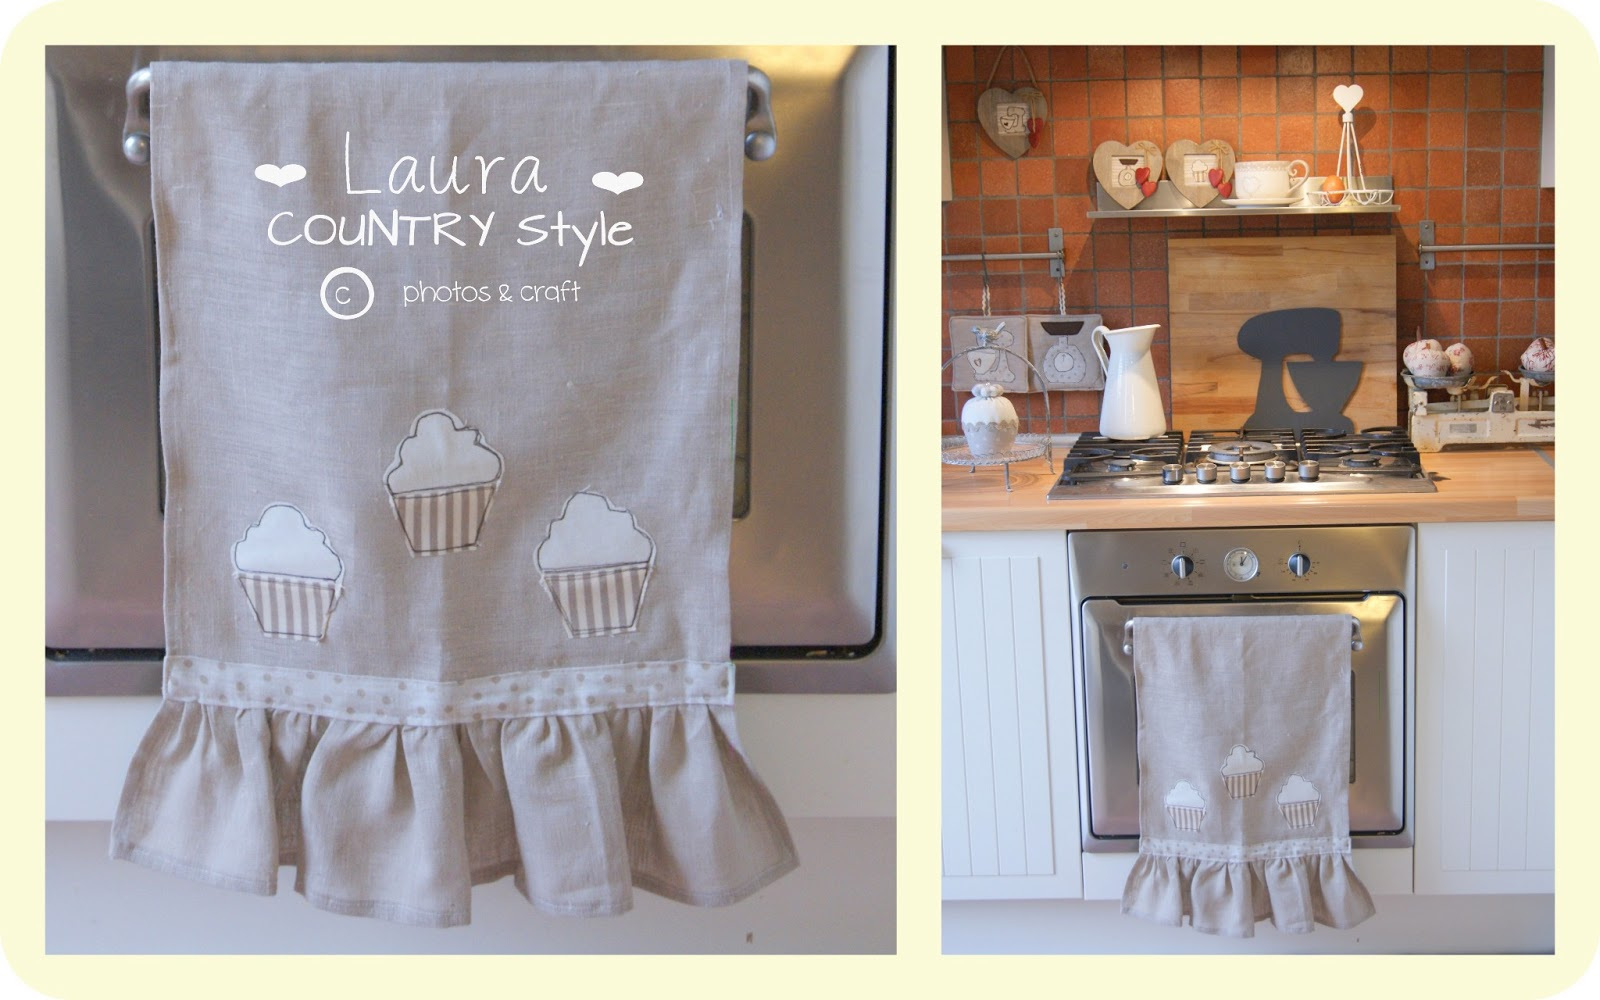 Laura country style: My home: nuovi accessori in cucina